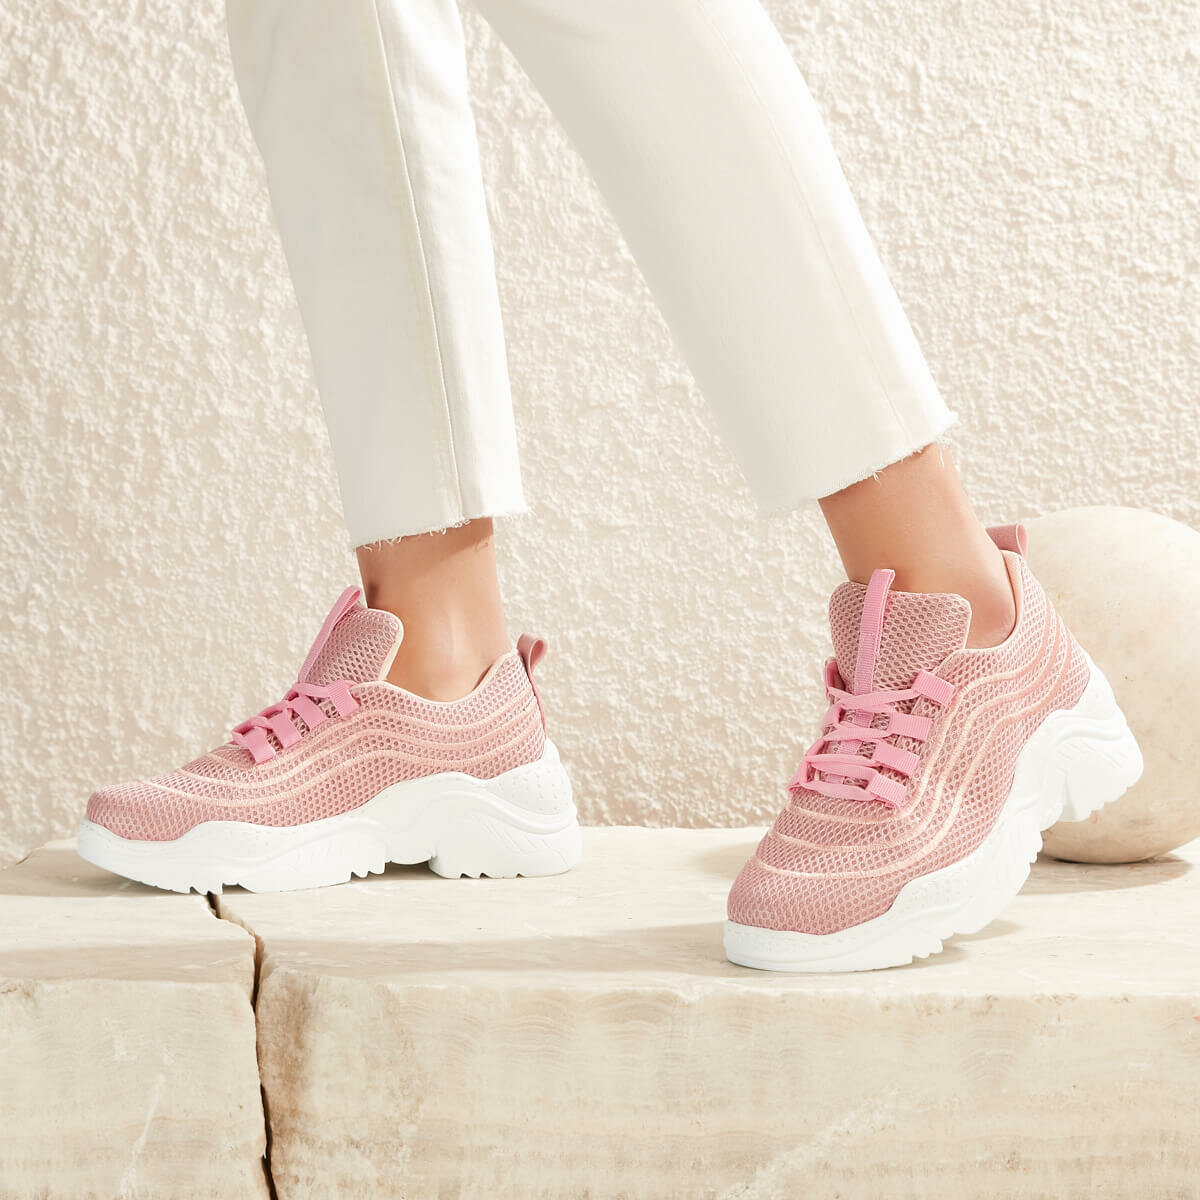 FLO POLLY40Z Pink Women 'S Sneaker Shoes BUTIGO